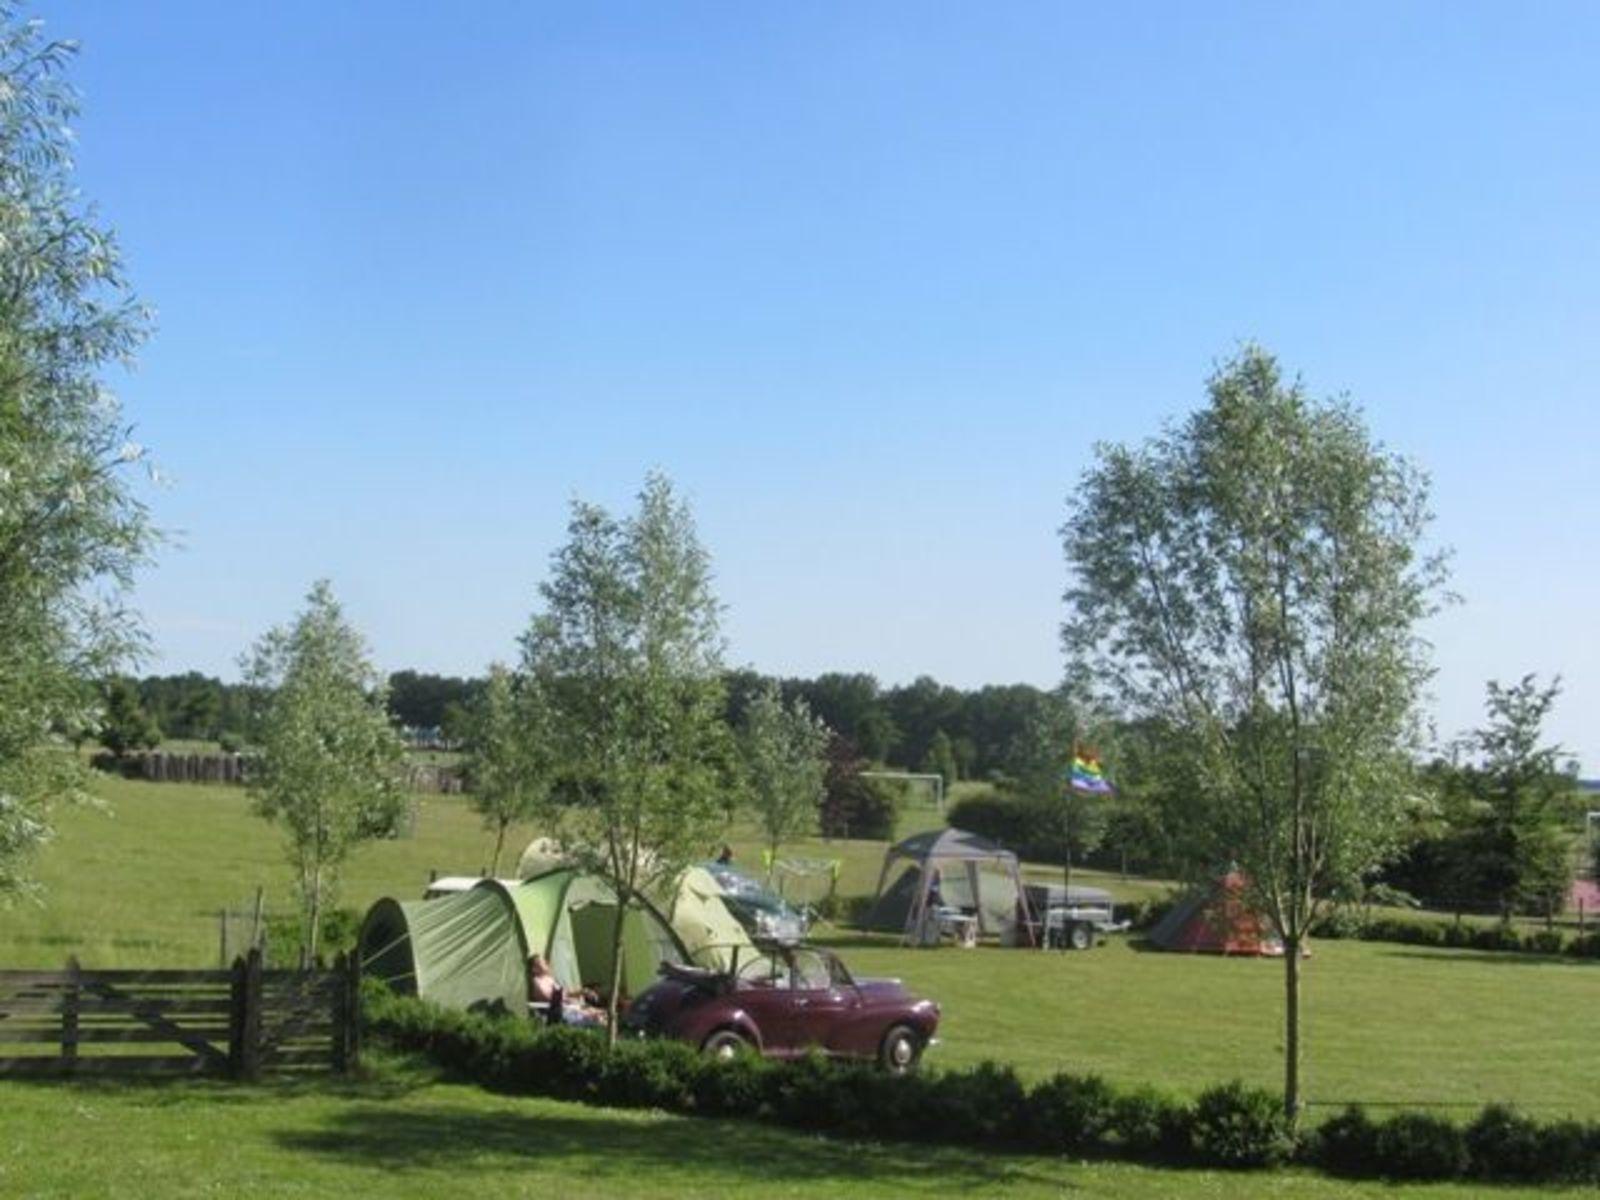 3-maandenplaats zomervakantie gezinsveld